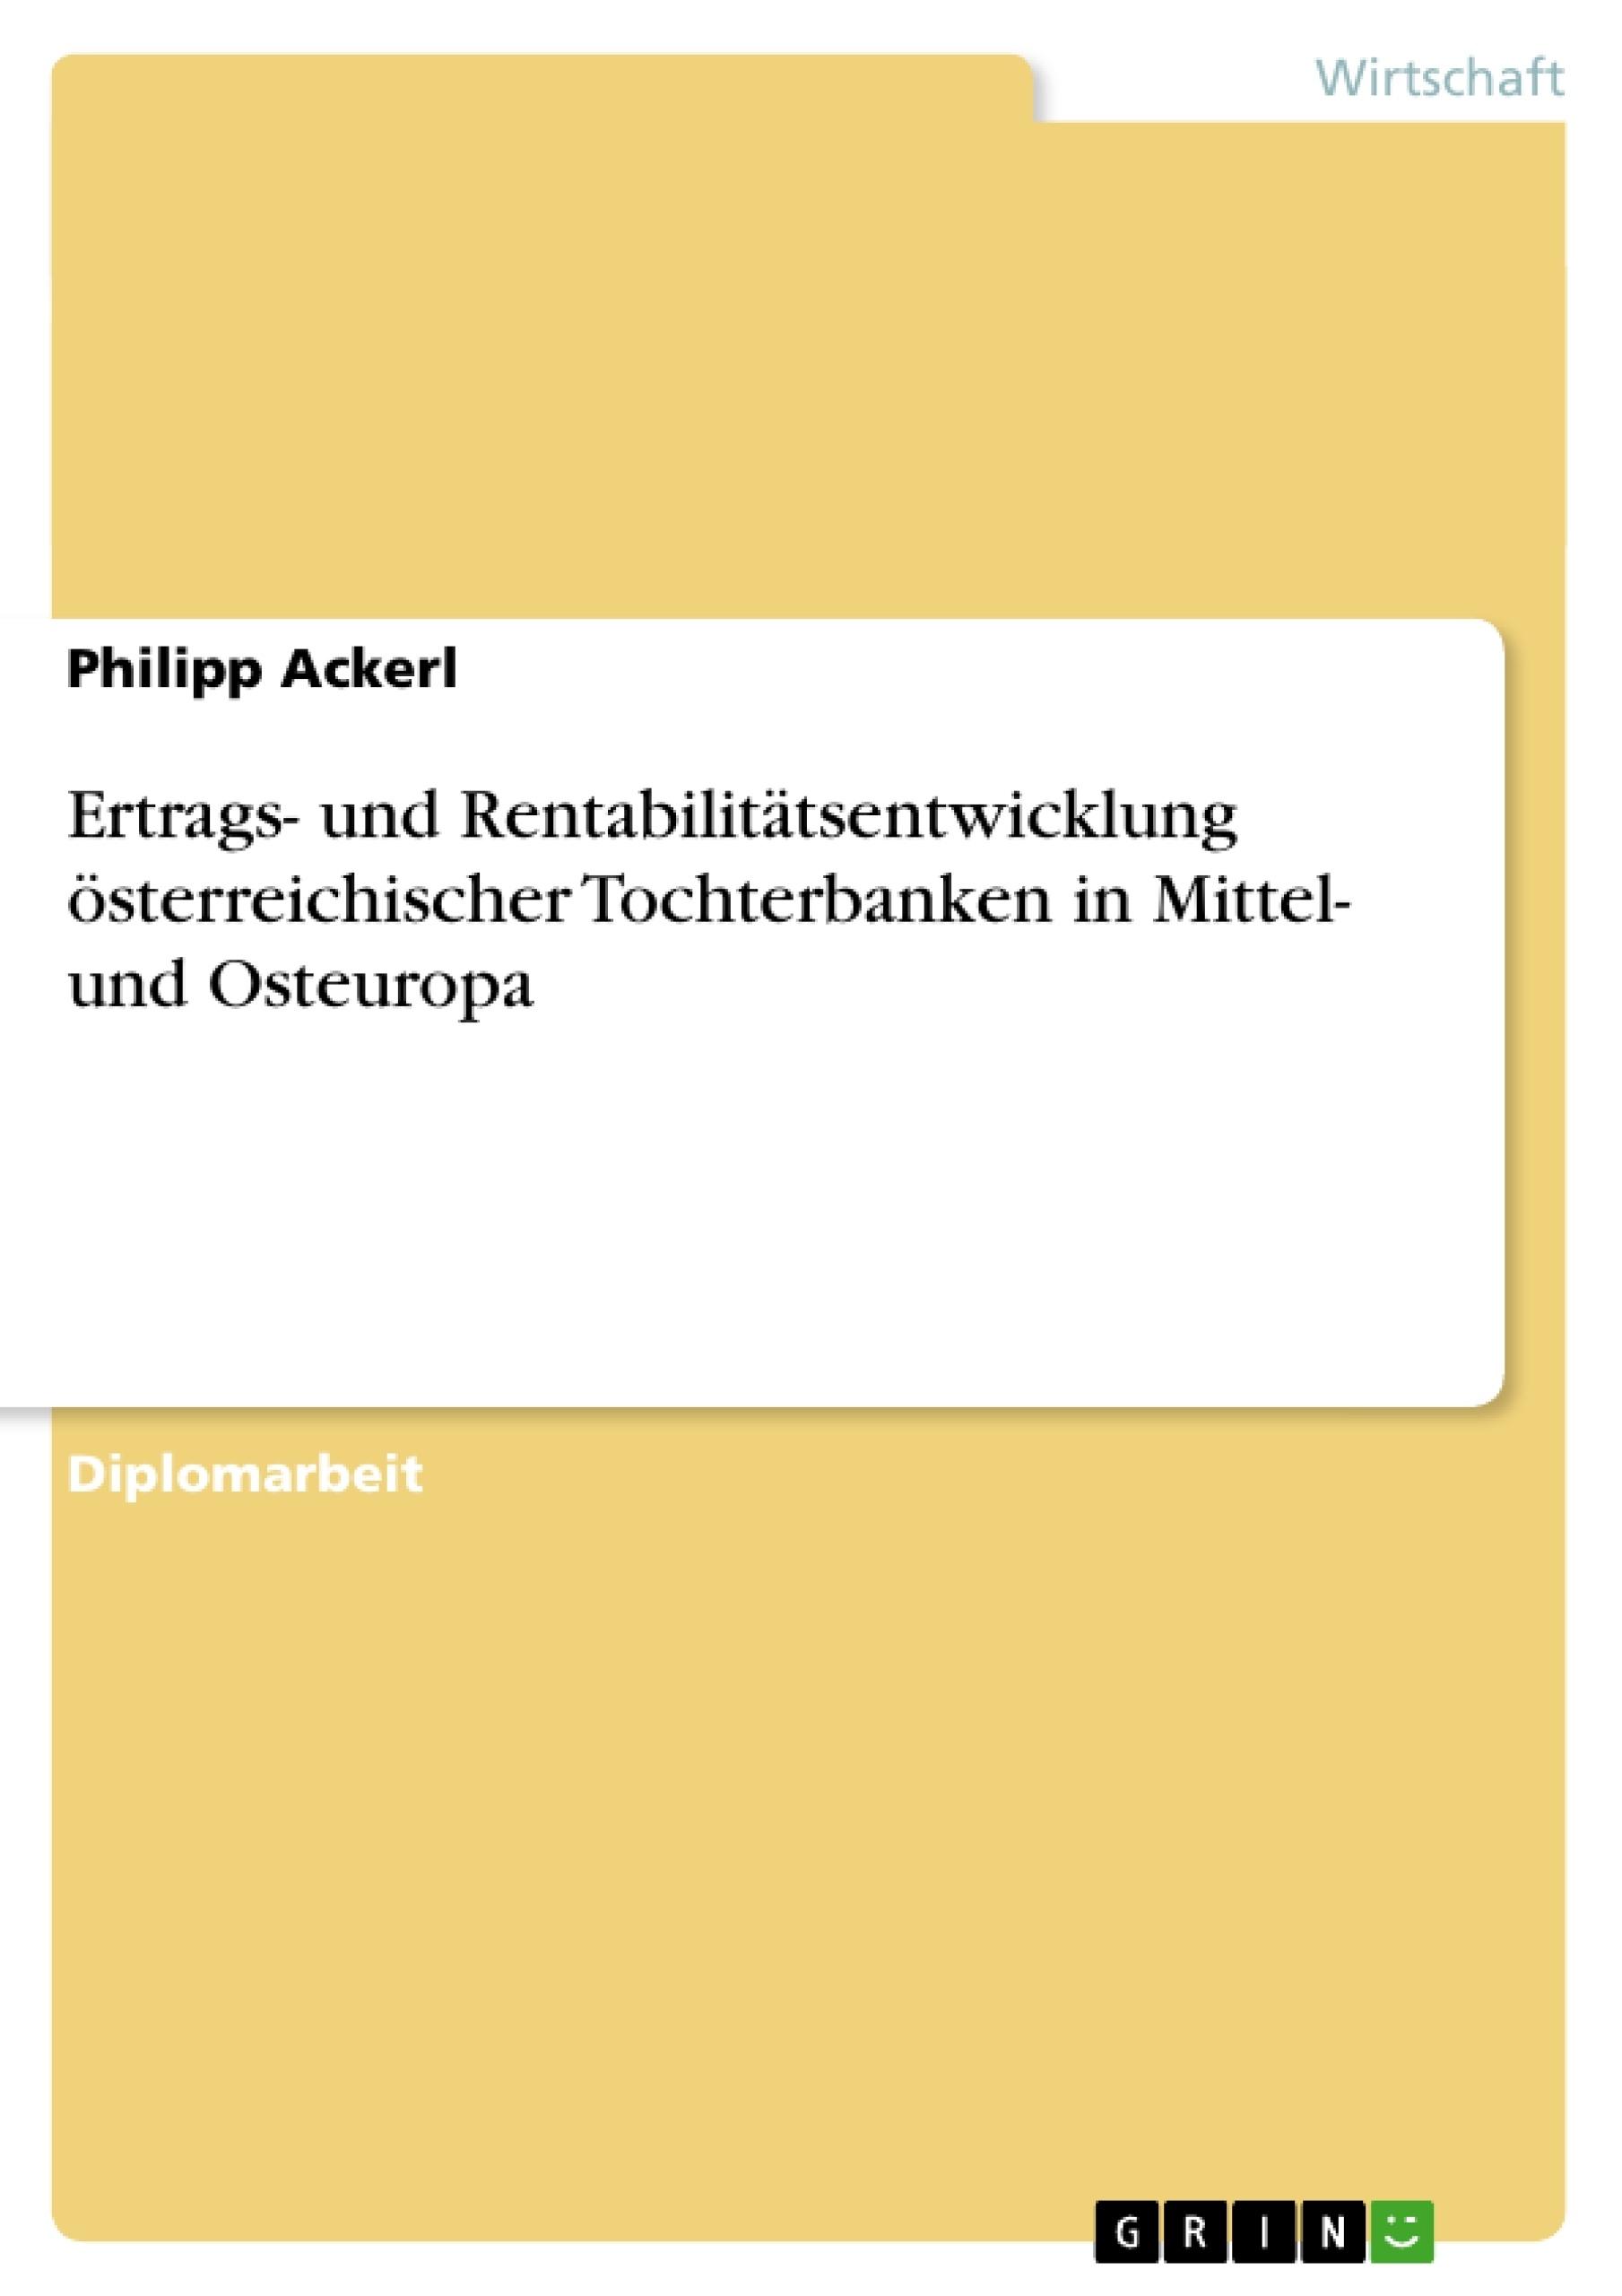 Titel: Ertrags- und Rentabilitätsentwicklung österreichischer Tochterbanken in Mittel- und Osteuropa